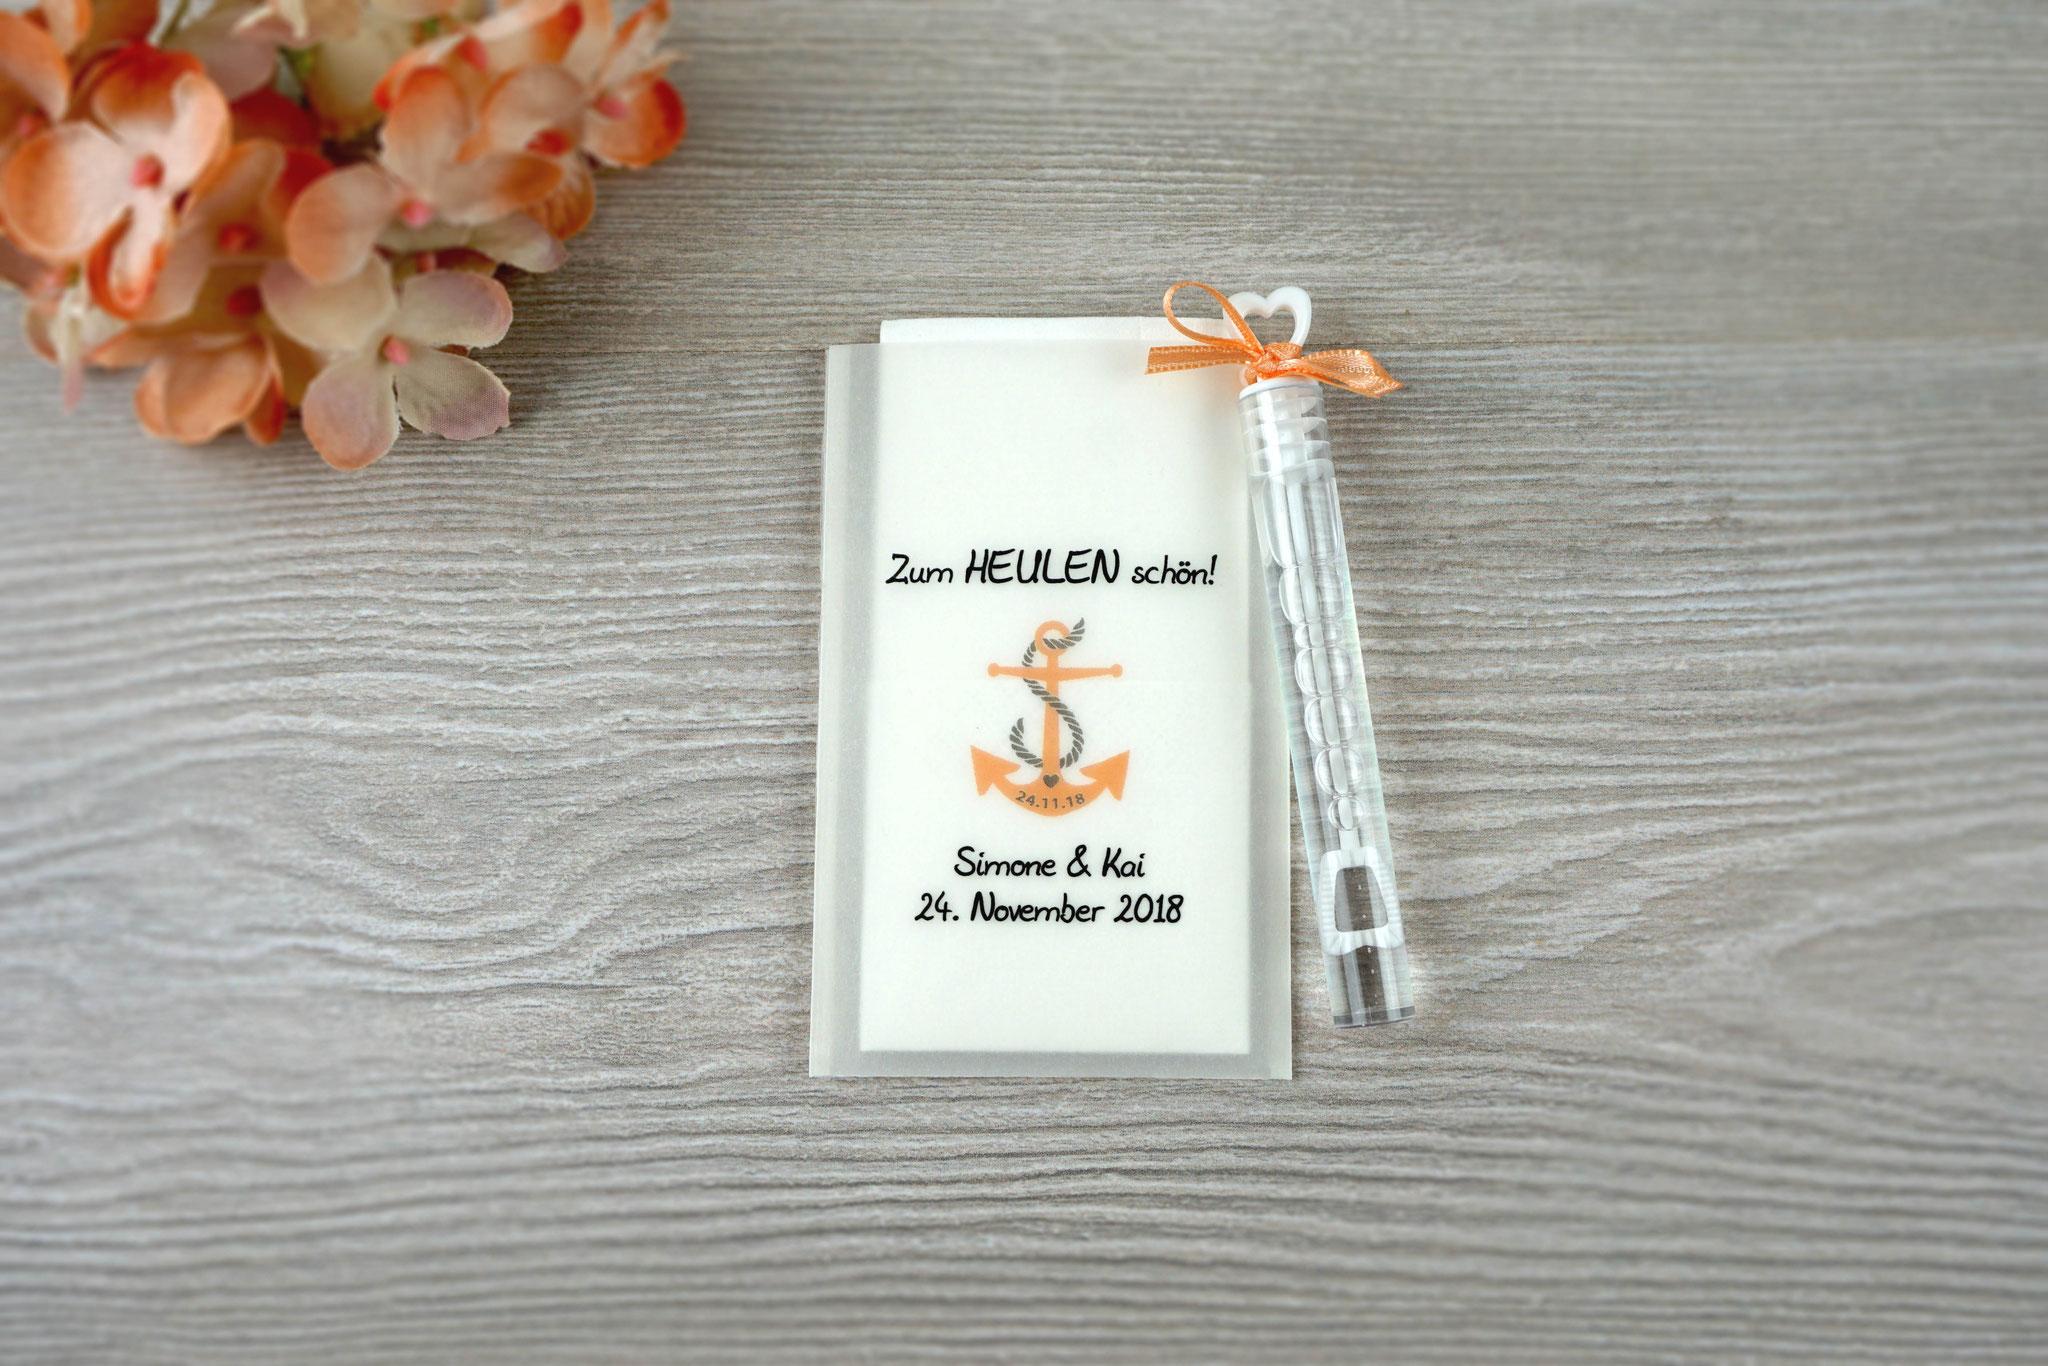 Freudentränen Taschentücher mit Seifenblasen, Design Anker, Farbe apricot, Satinband